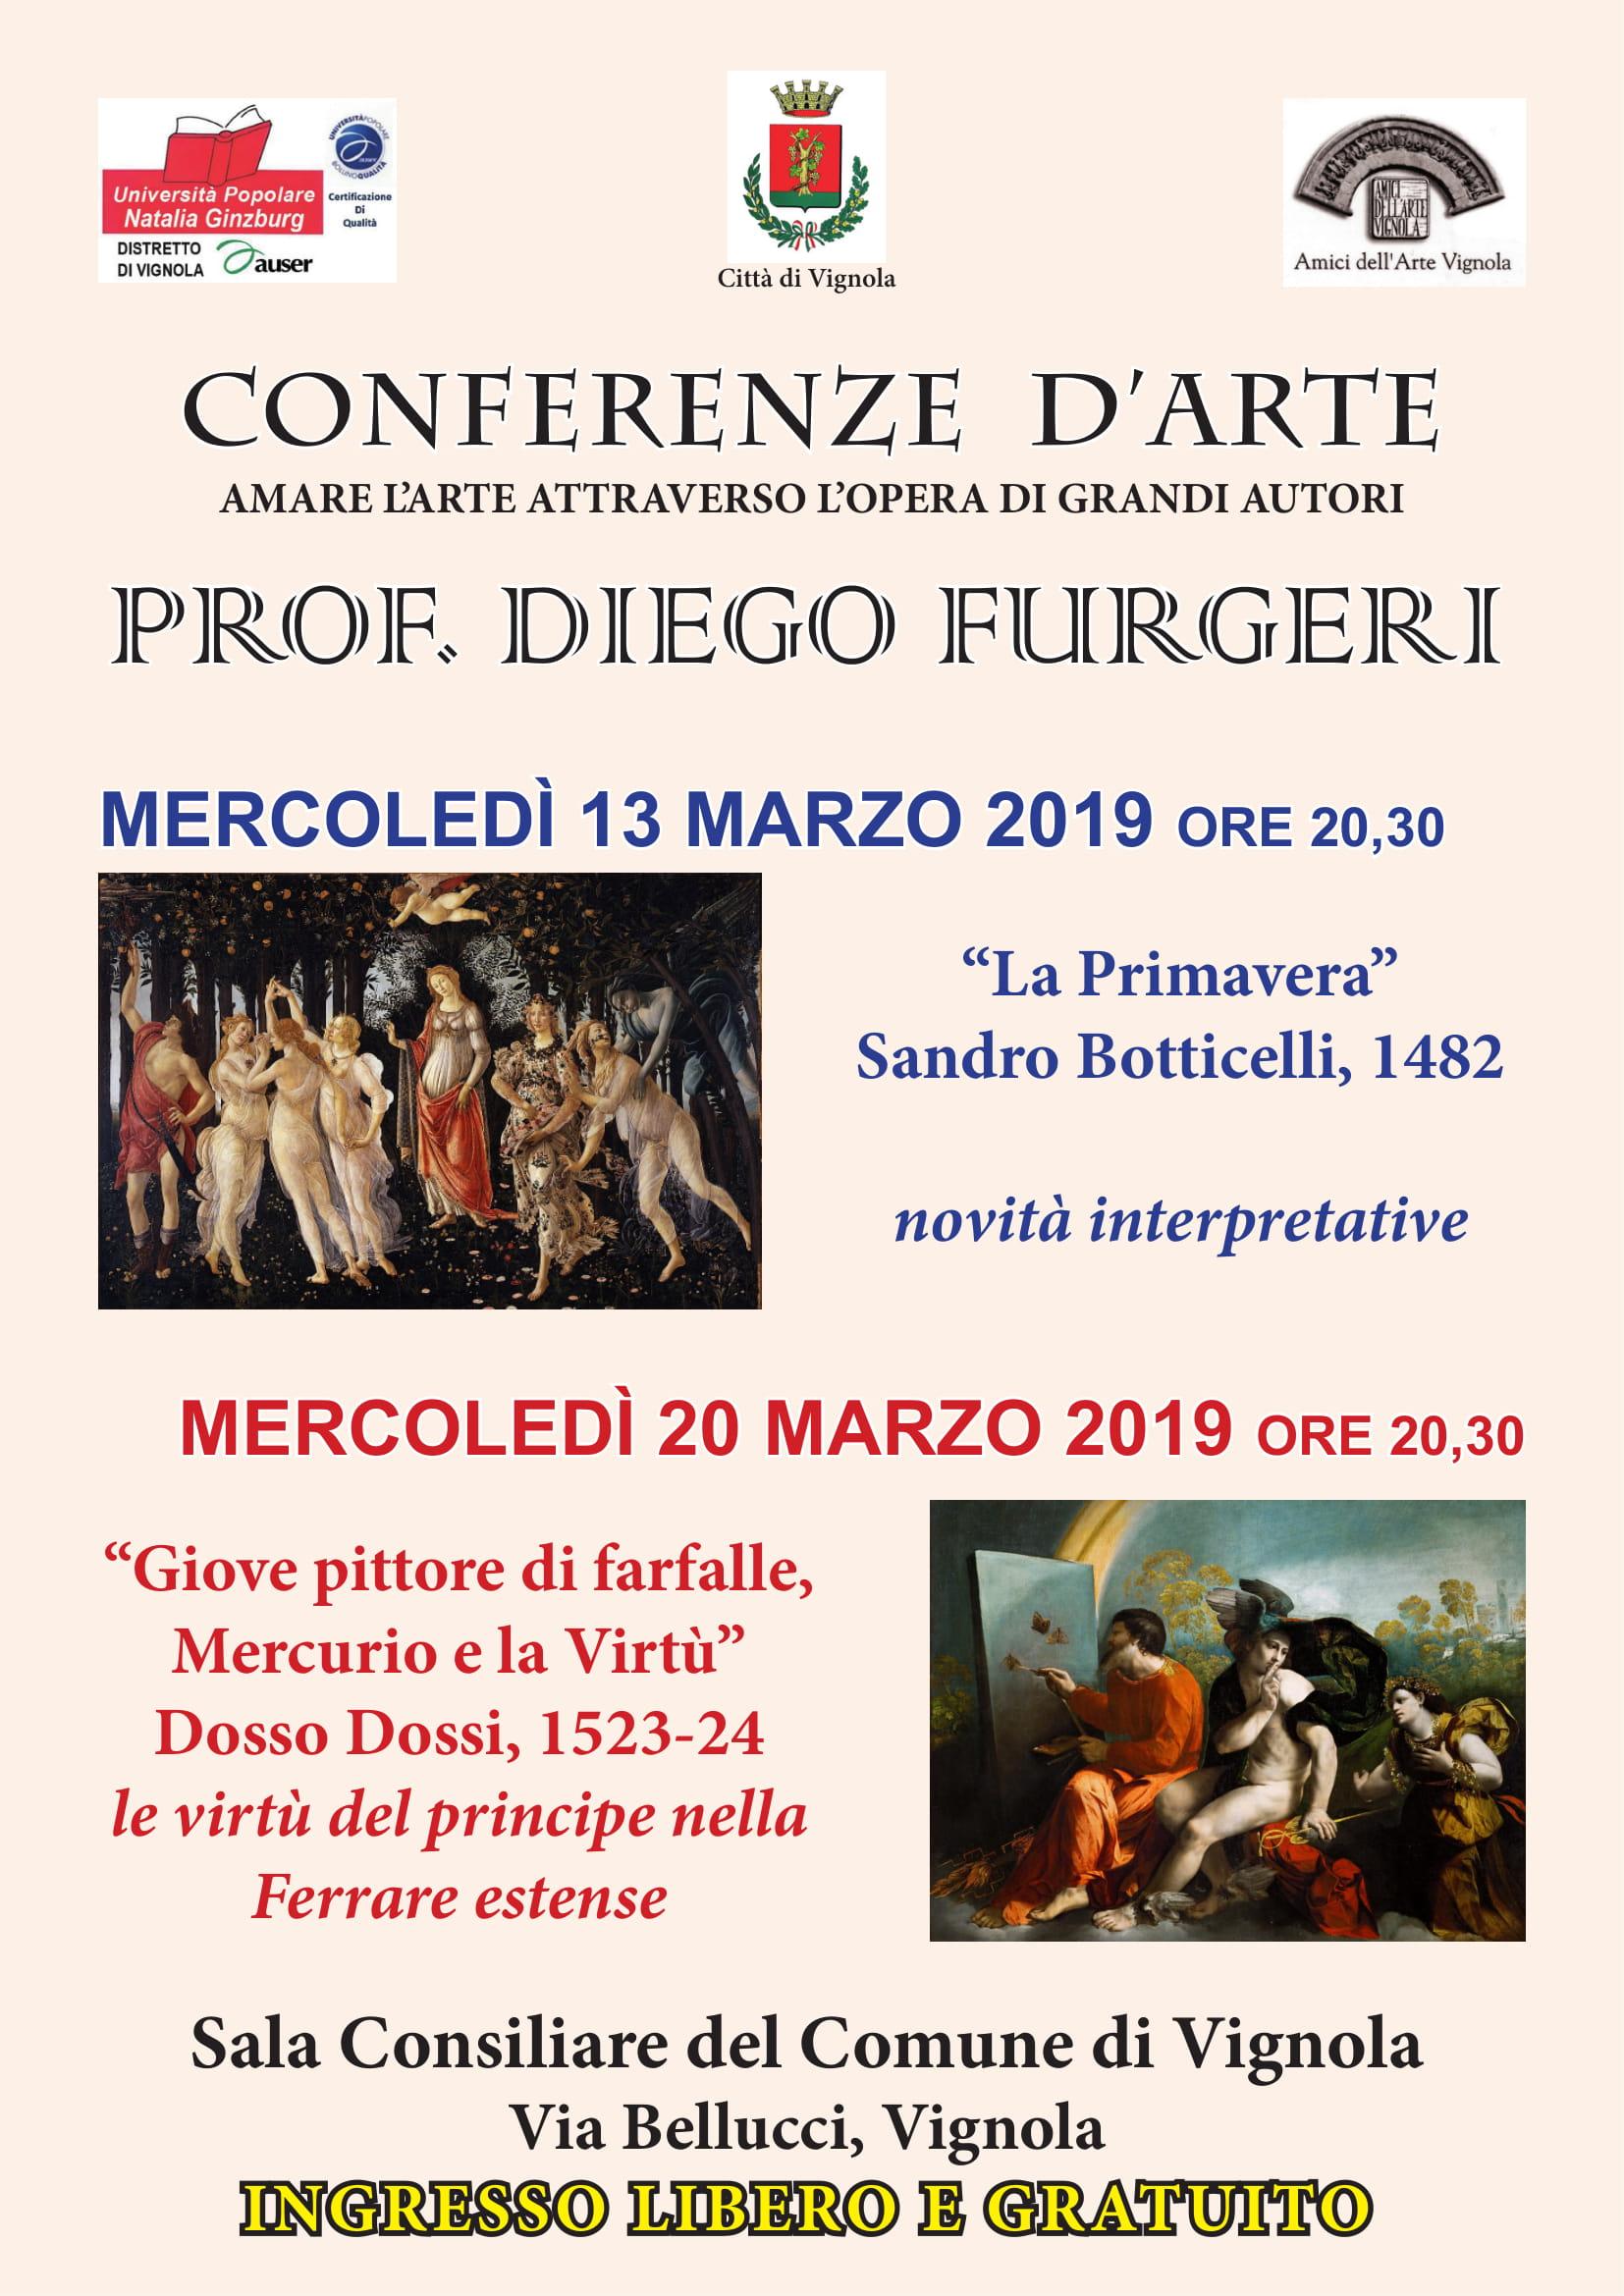 La Primavera di Sandro Botticelli. Giove pittore di farfalle, Mercurio e la Virtù.